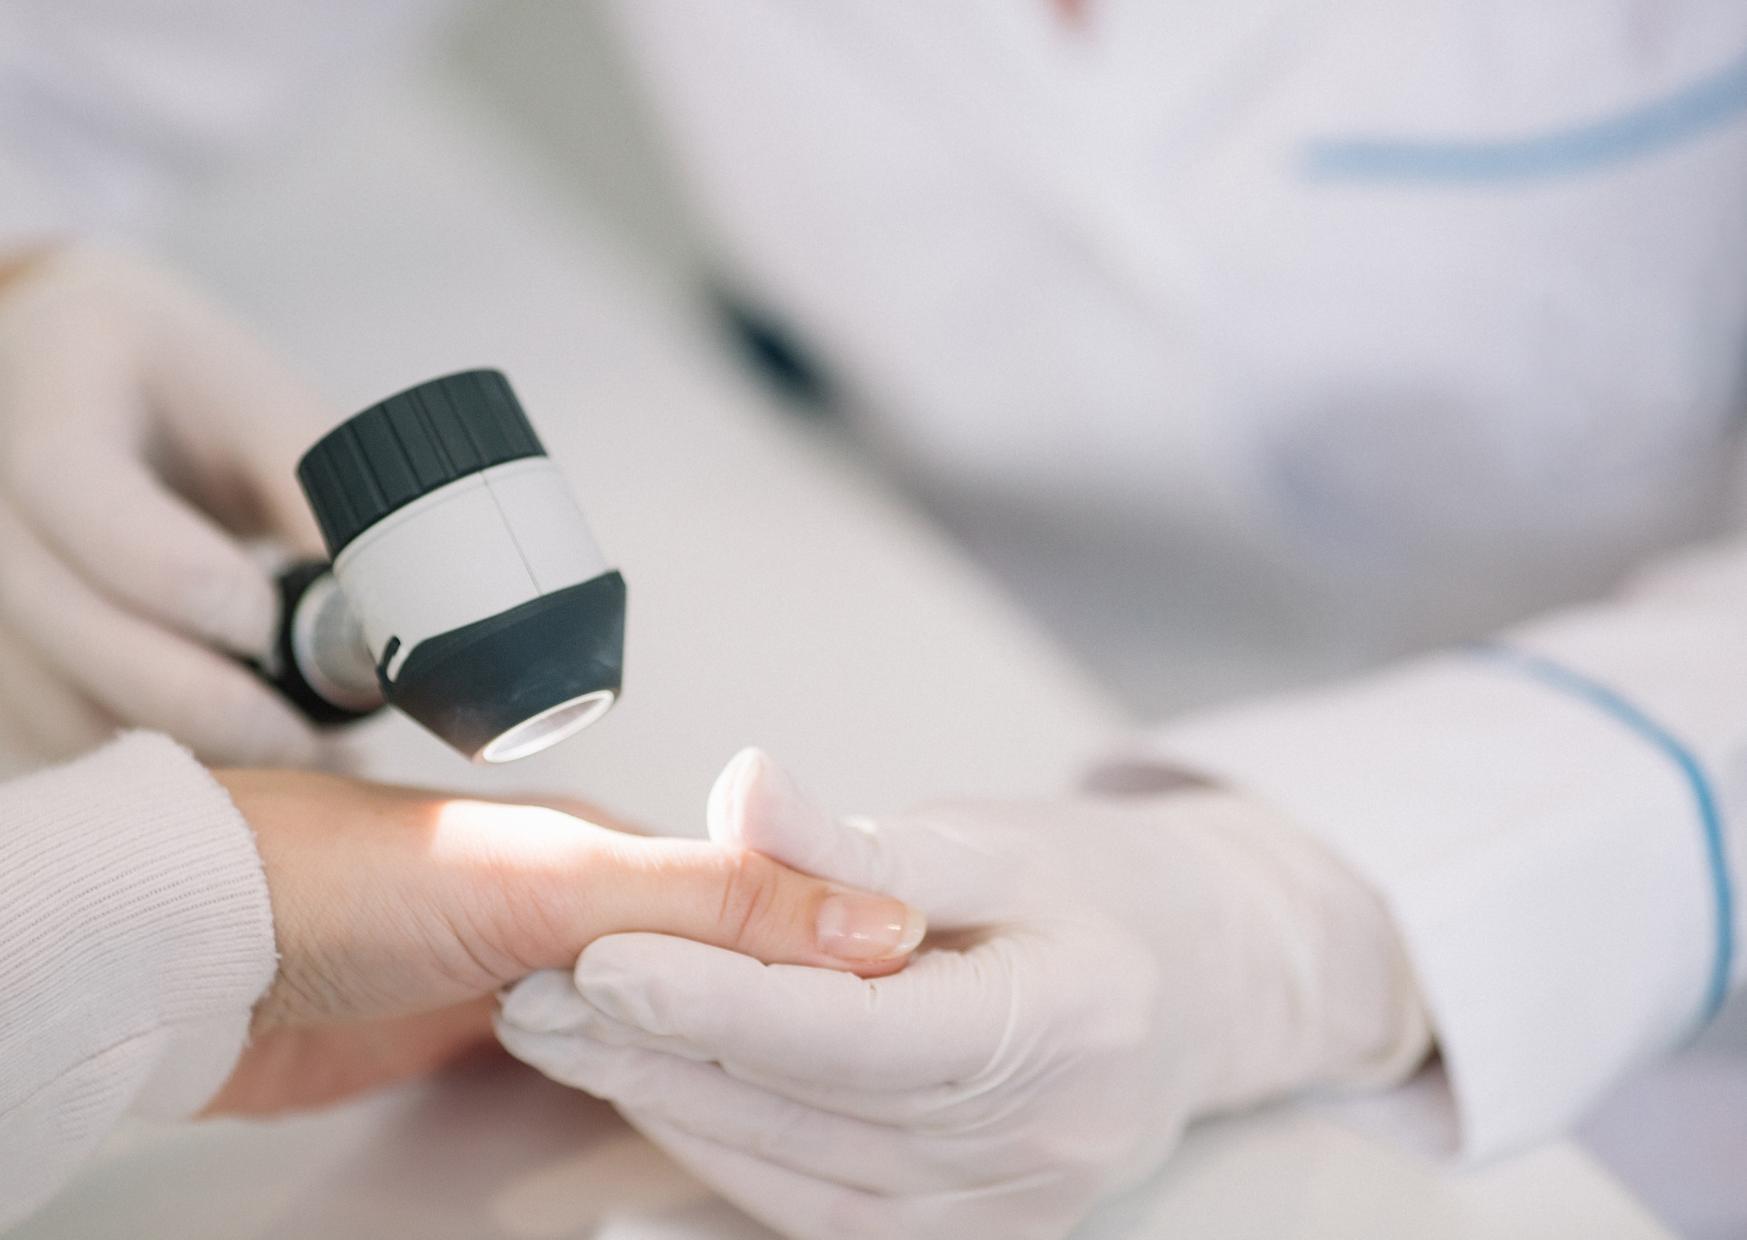 badanie dermatoskopem